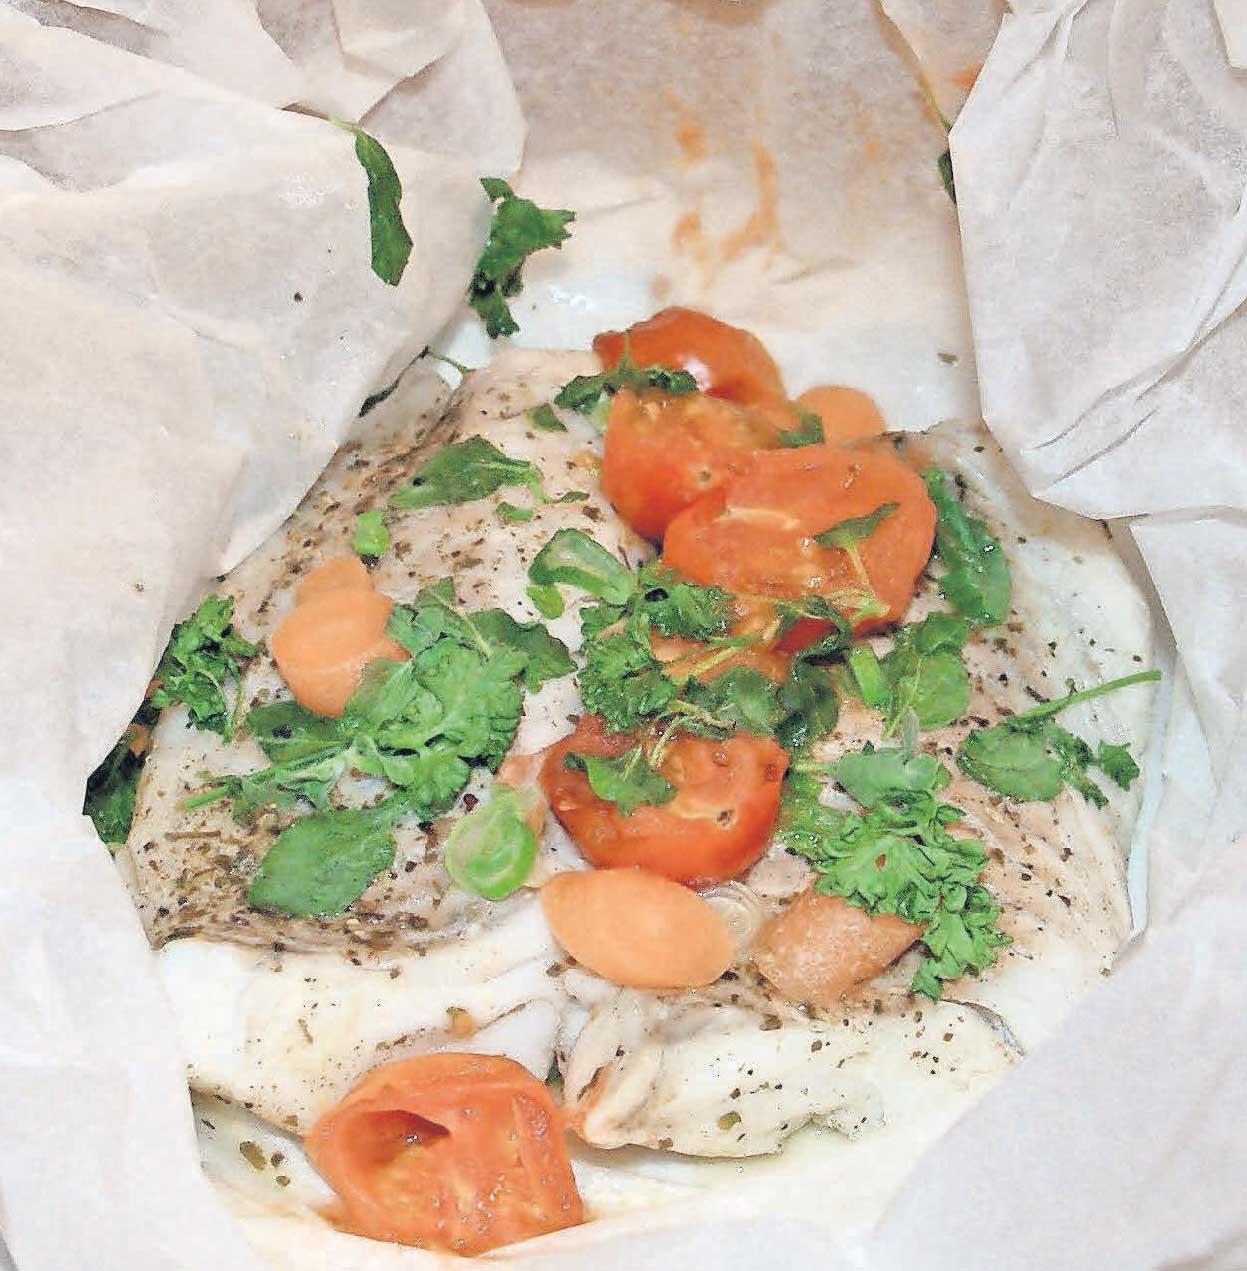 Kalorienarmer Genuss: Skrei aus Thürnau's Fischhalle, ganz sanft mit Gemüse und frischen Kräutern im Ofen gegart.